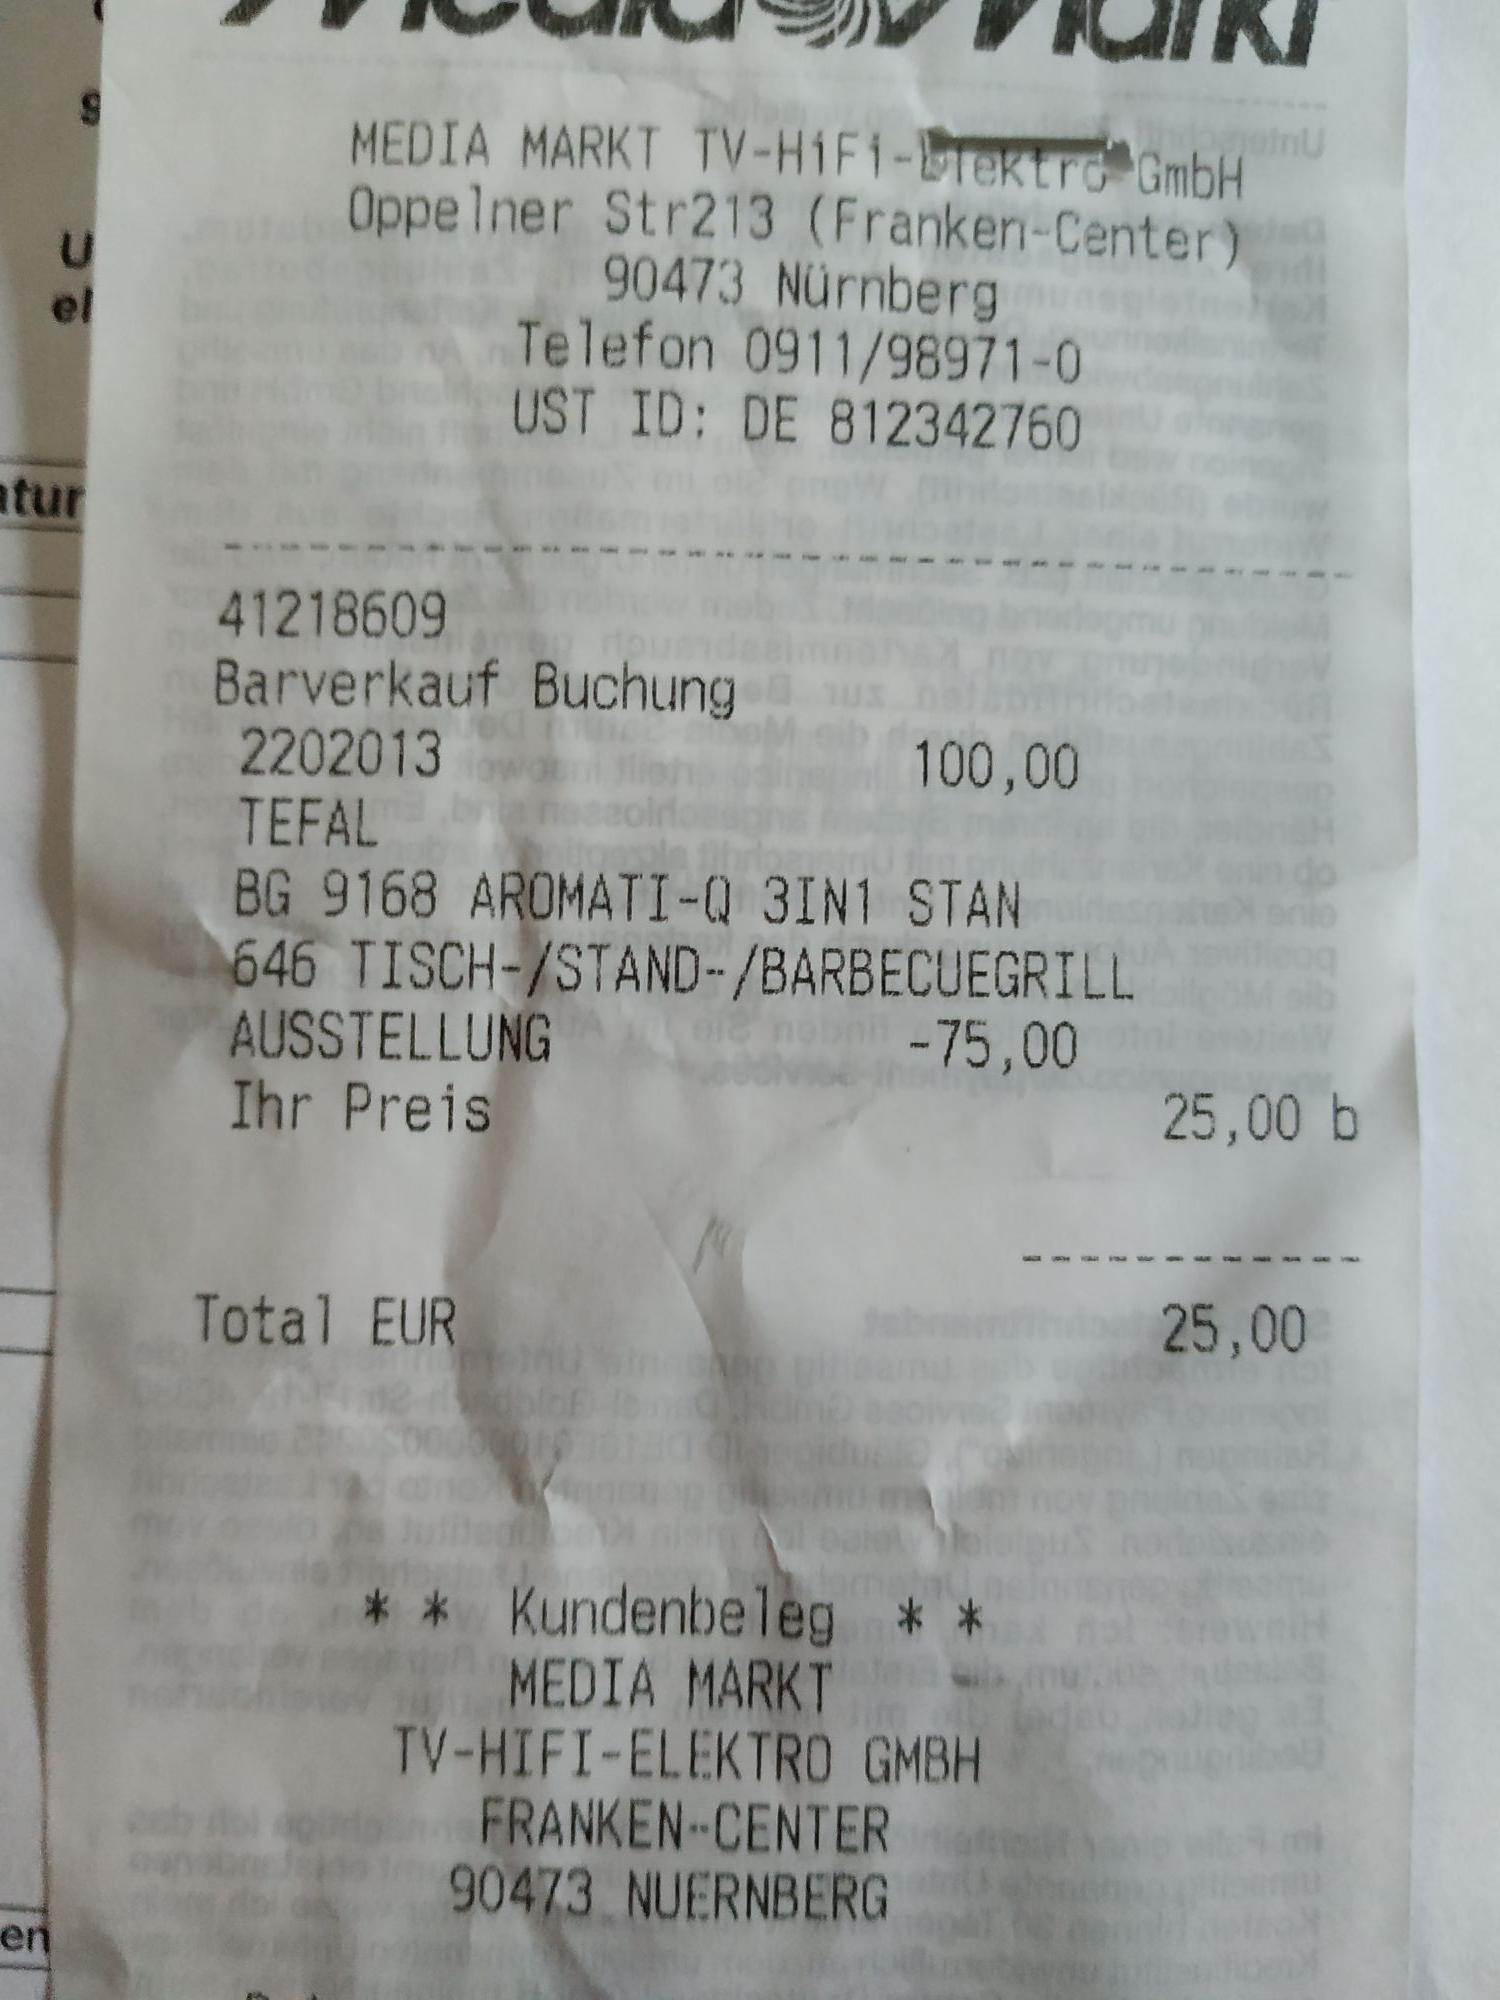 (Mediamarkt Nürnberg LW) -50% auf alle Grills inkl. bereits reduzierte Grills